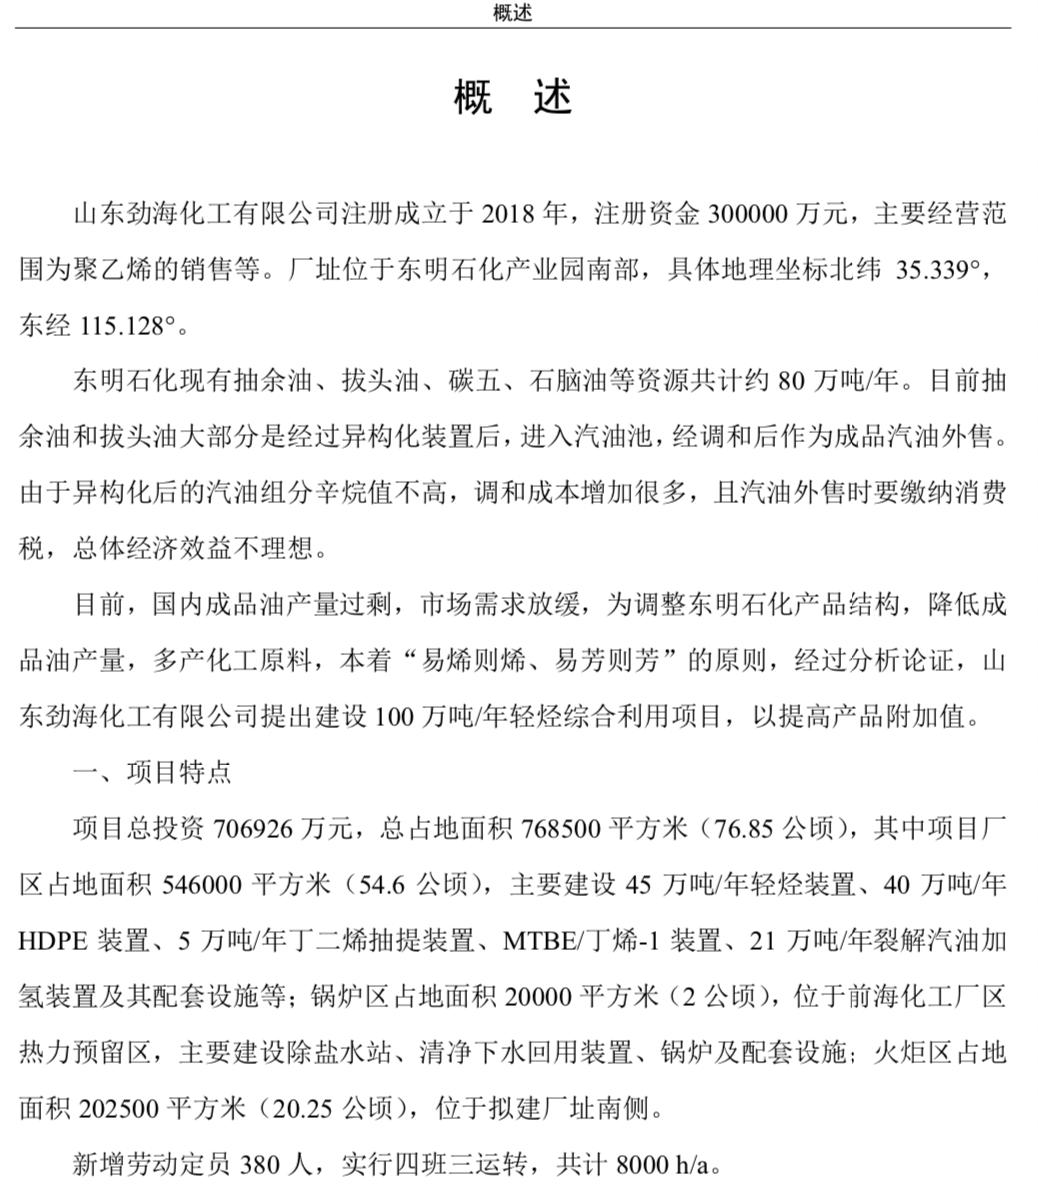 进击的东明石化:全资控股劲海化工收入已破千亿